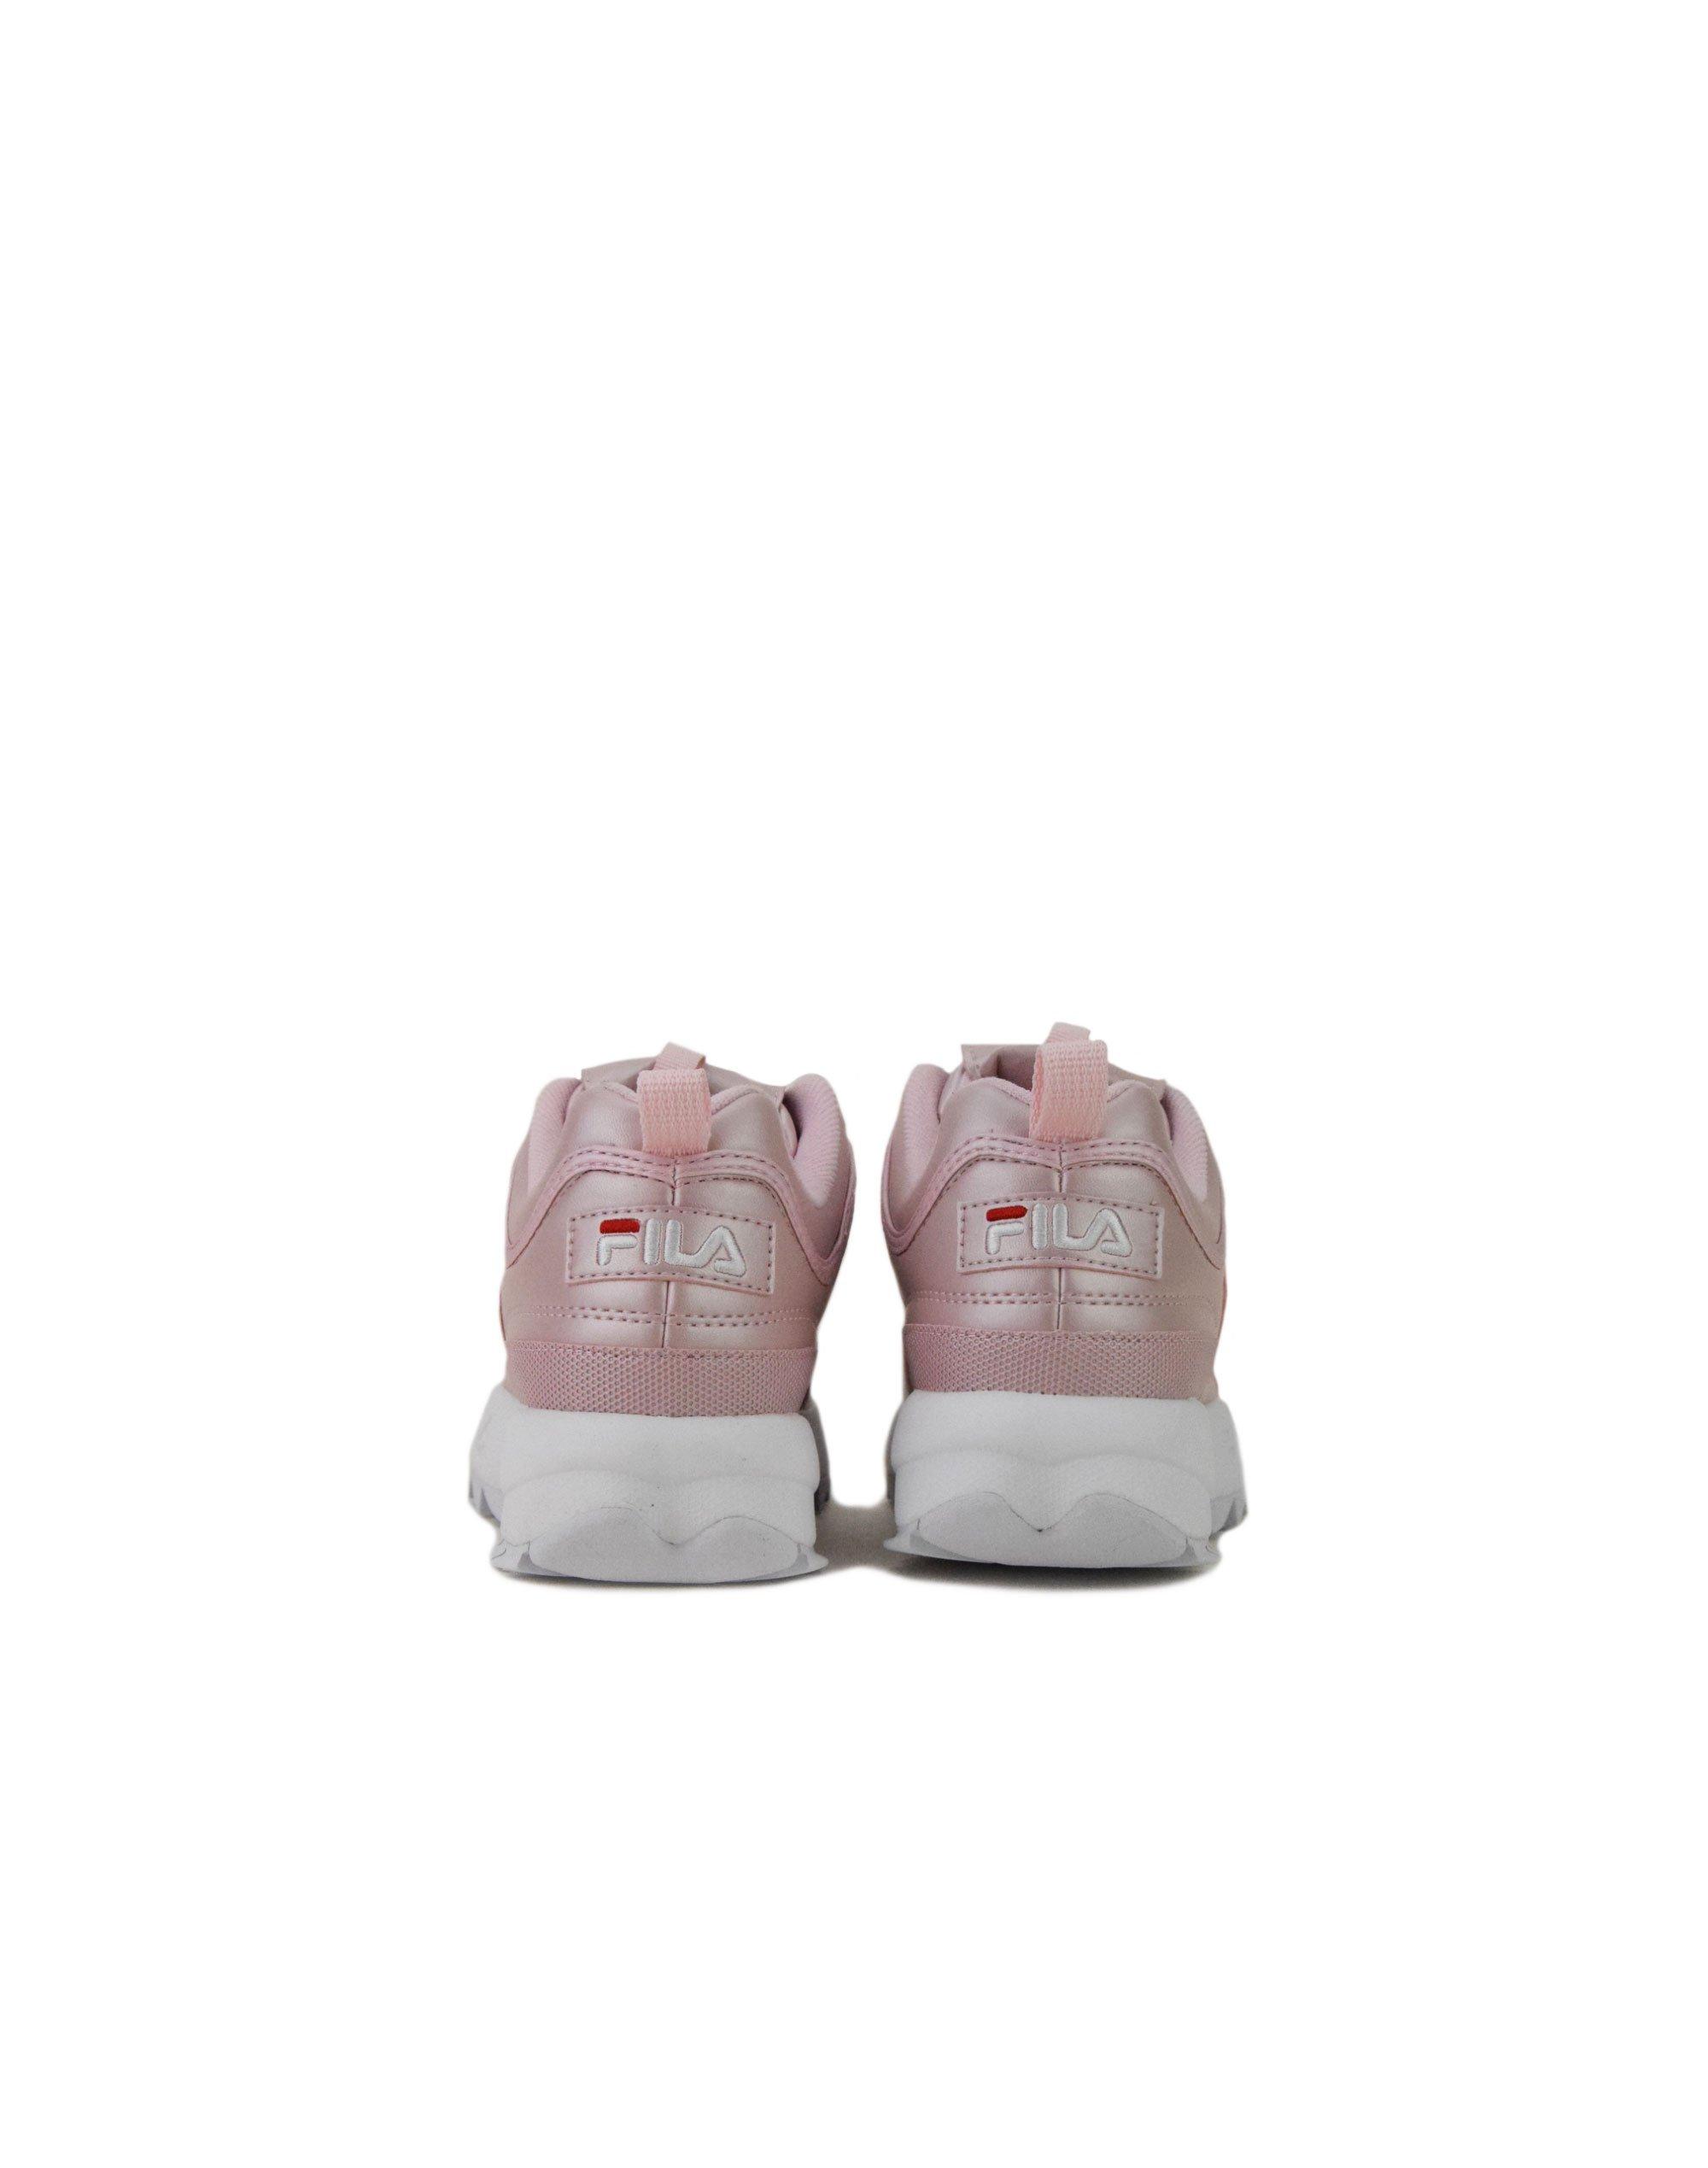 ae62a62d76b Fila Disruptor M Low (1010608.71D) ChalK Pink | Eleven